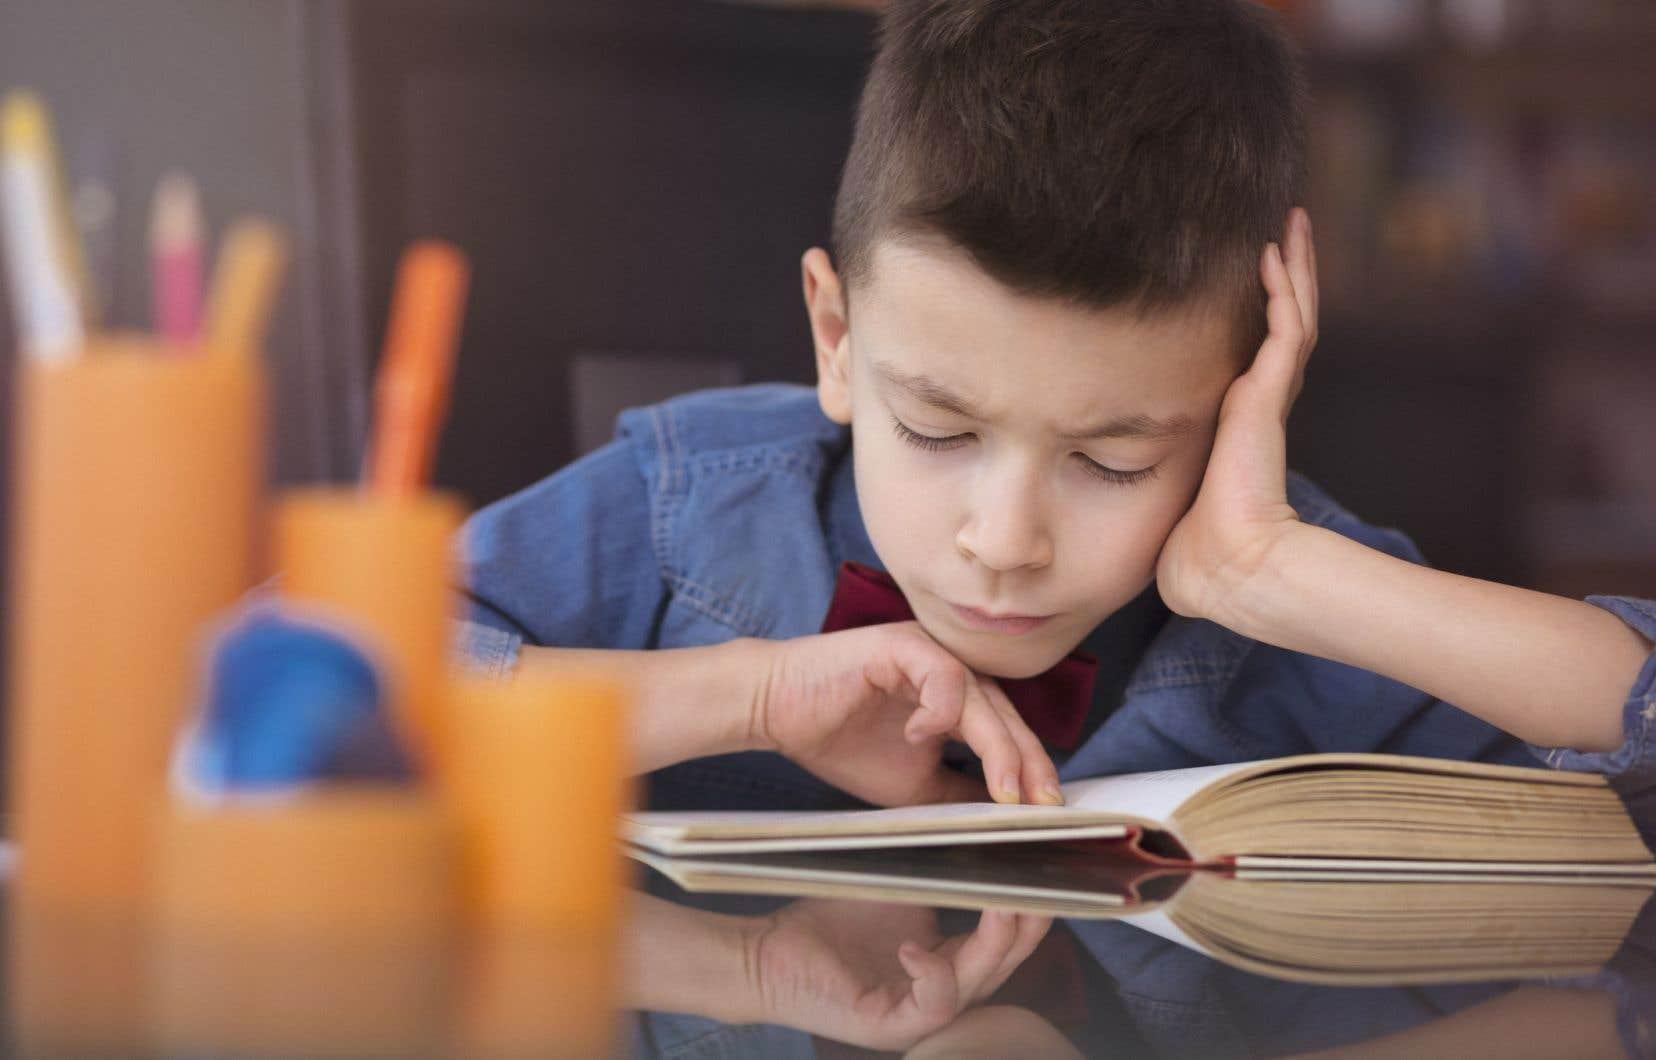 Les élèves doivent se rabattre la plupart du temps sur les livres de papier, alors que pour certaines clientèles particulières, le livre numérique serait nécessaire.